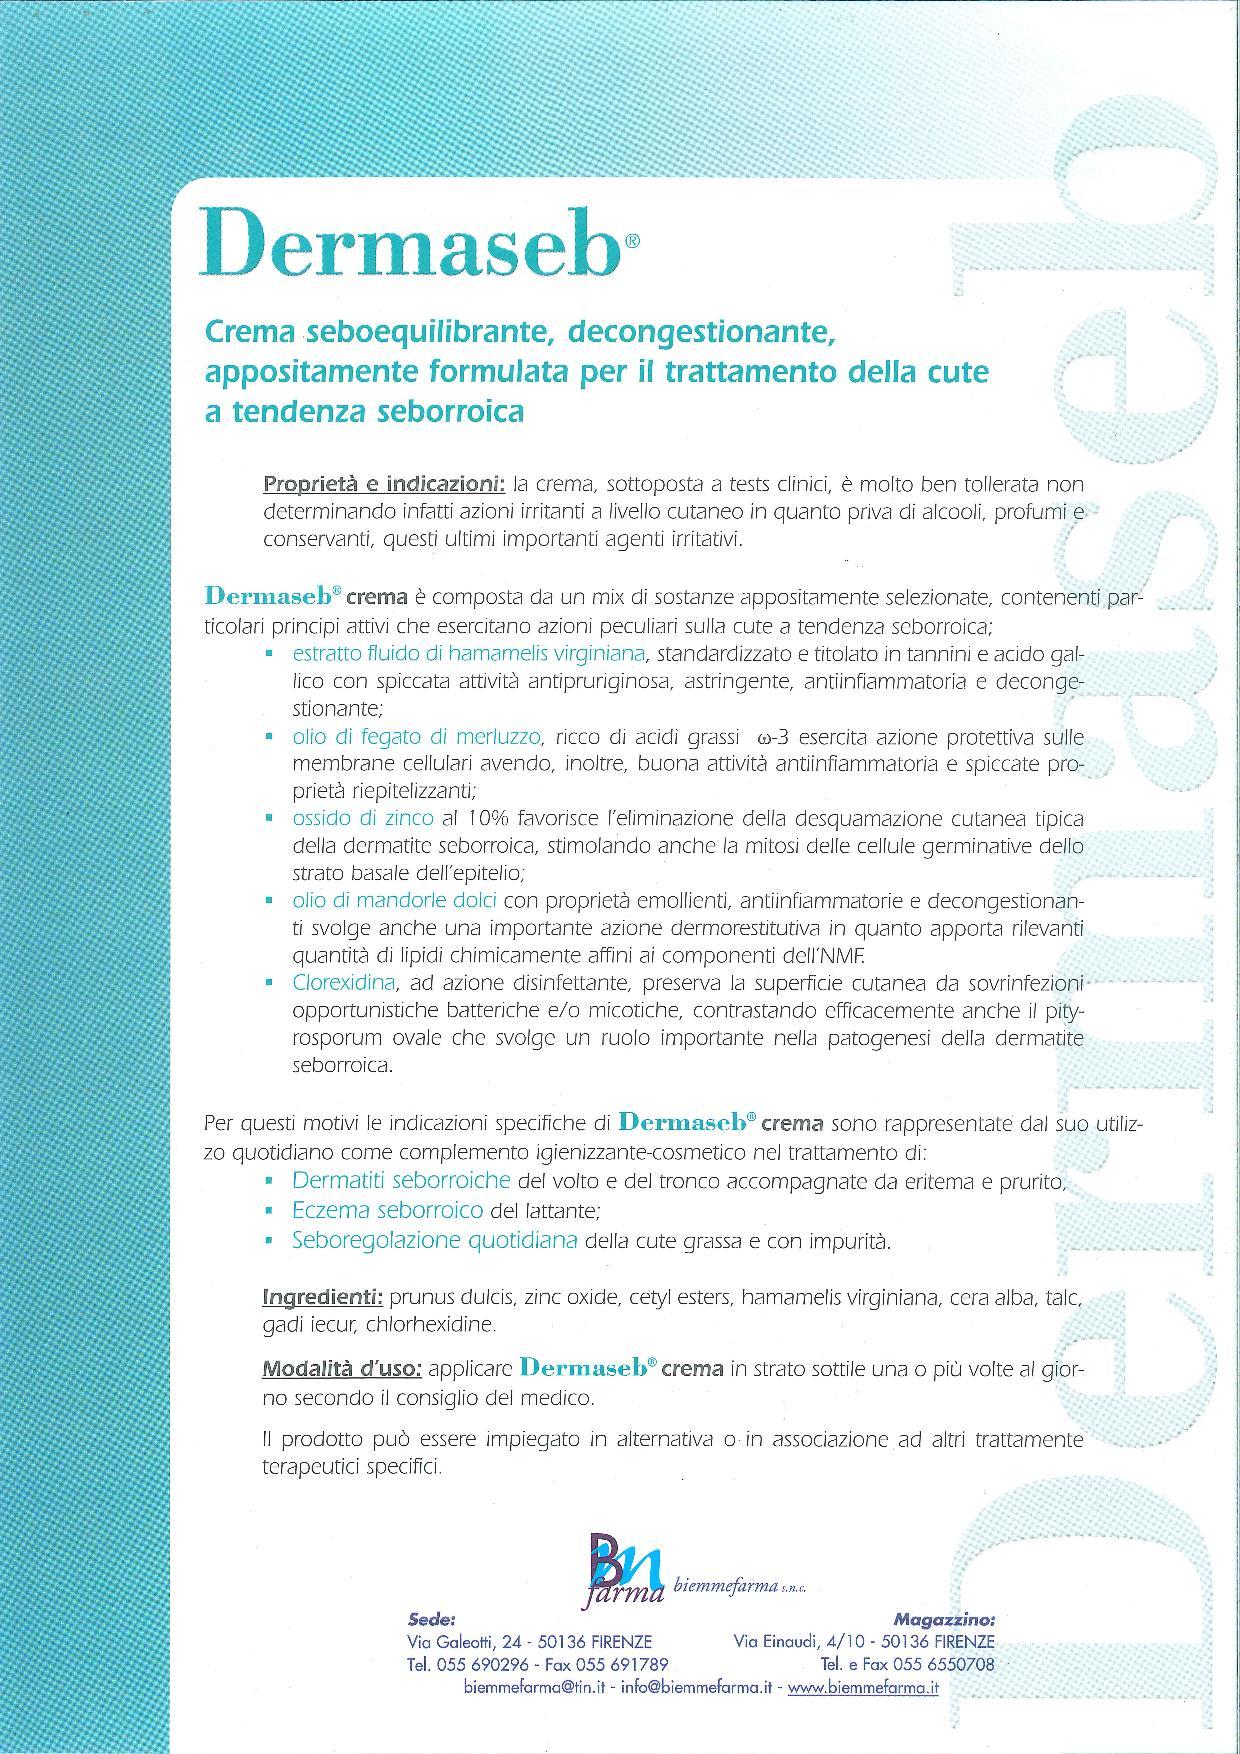 Dermaseb-page-002